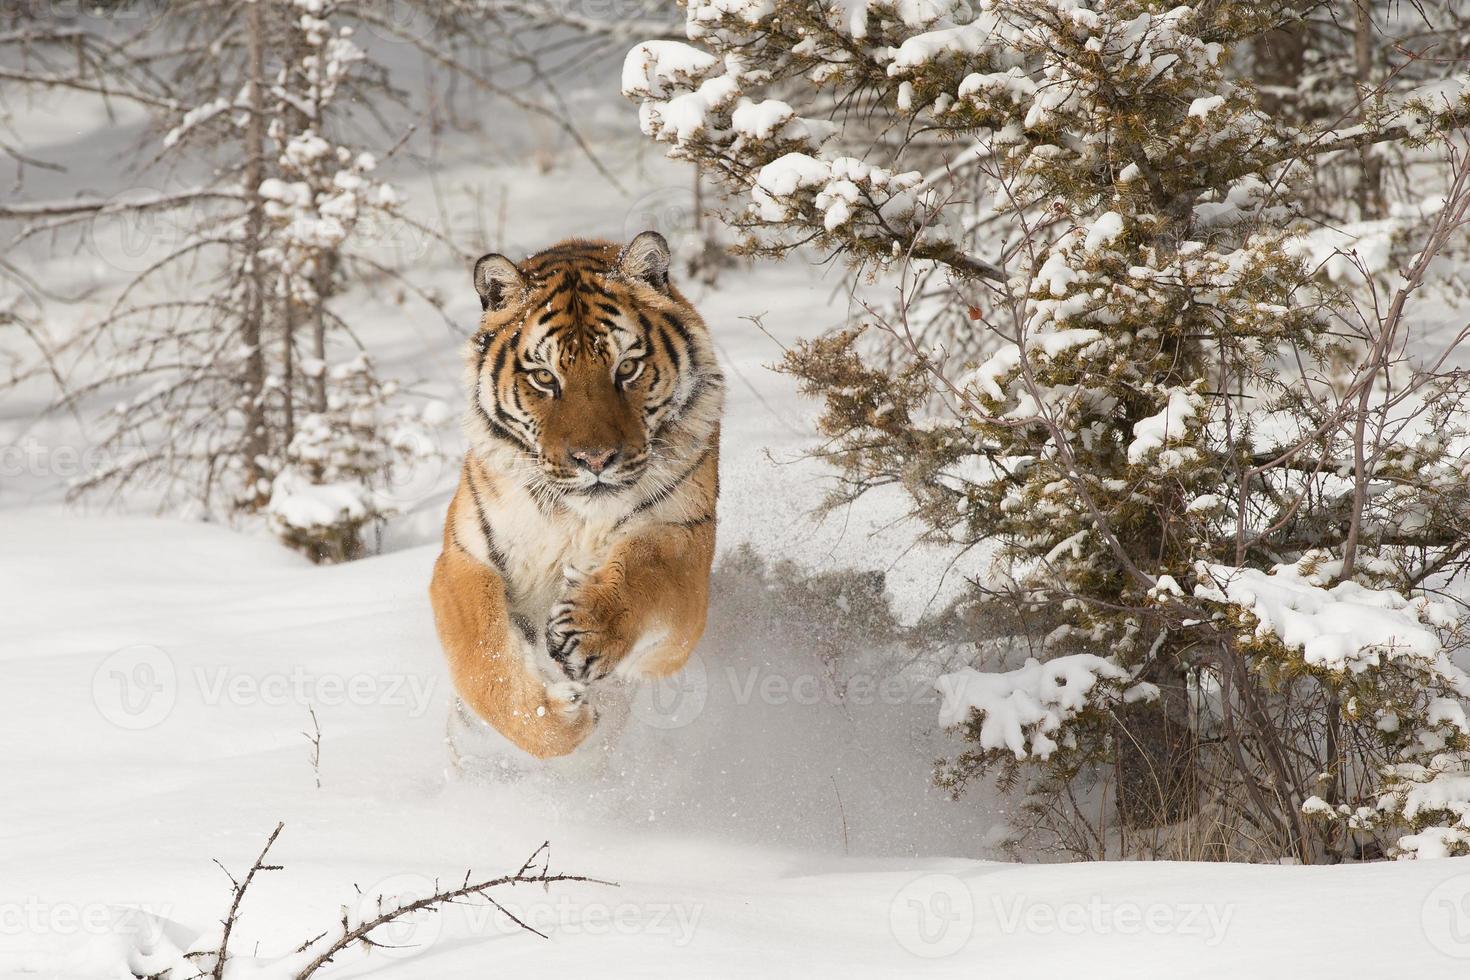 Tigre siberiano adulto raro en escena de invierno cubierto de nieve foto